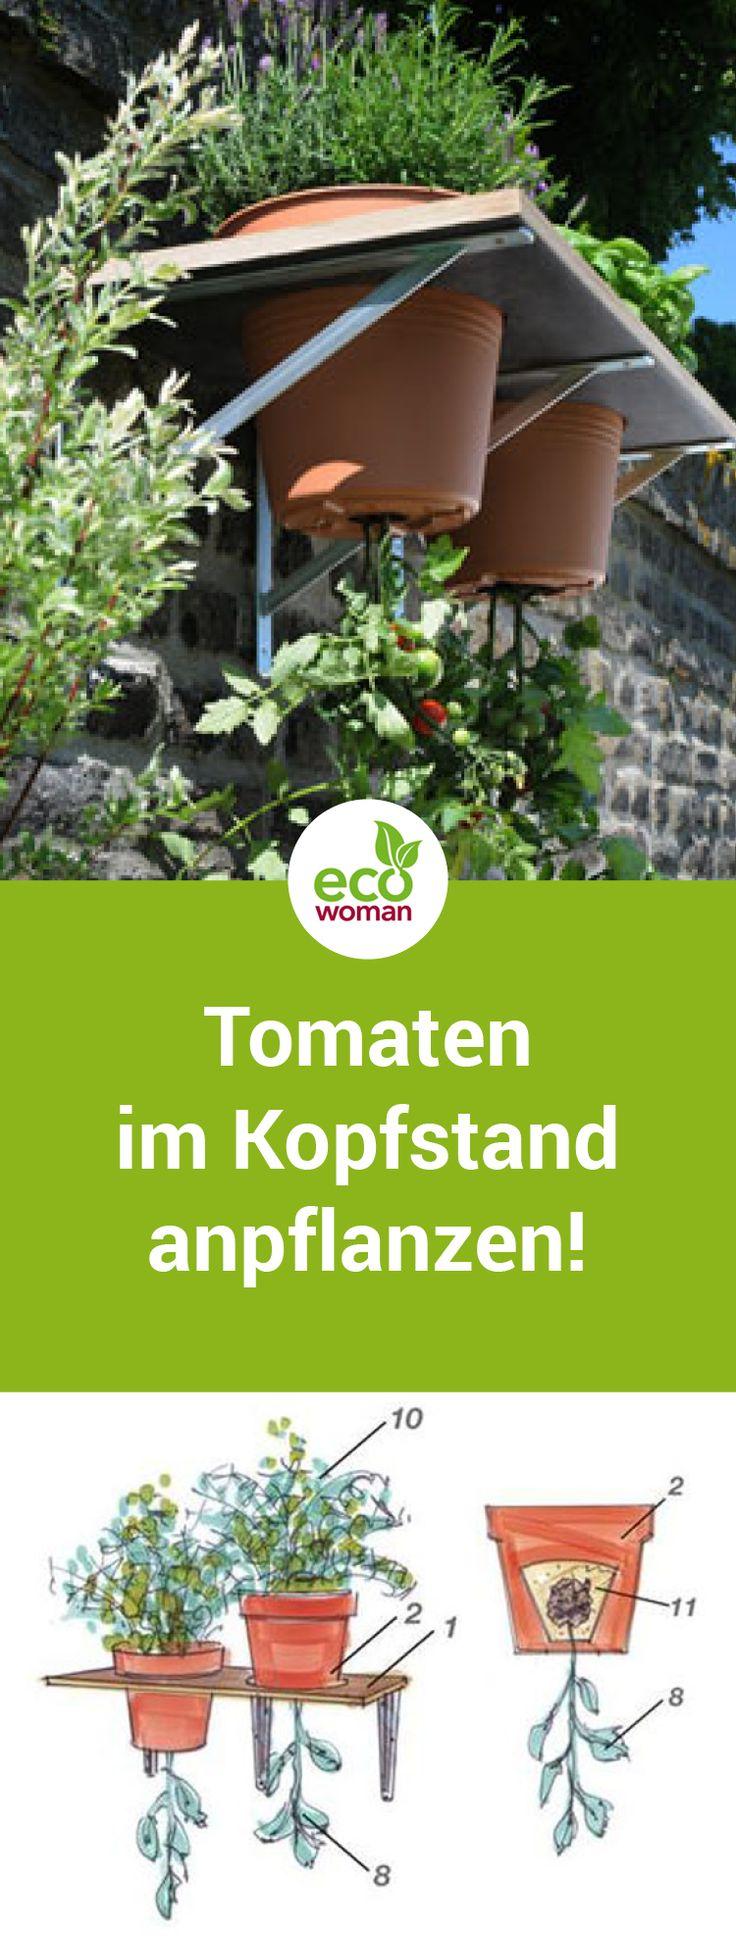 Schick und praktisch: Tomaten kopfüber anpflanzen